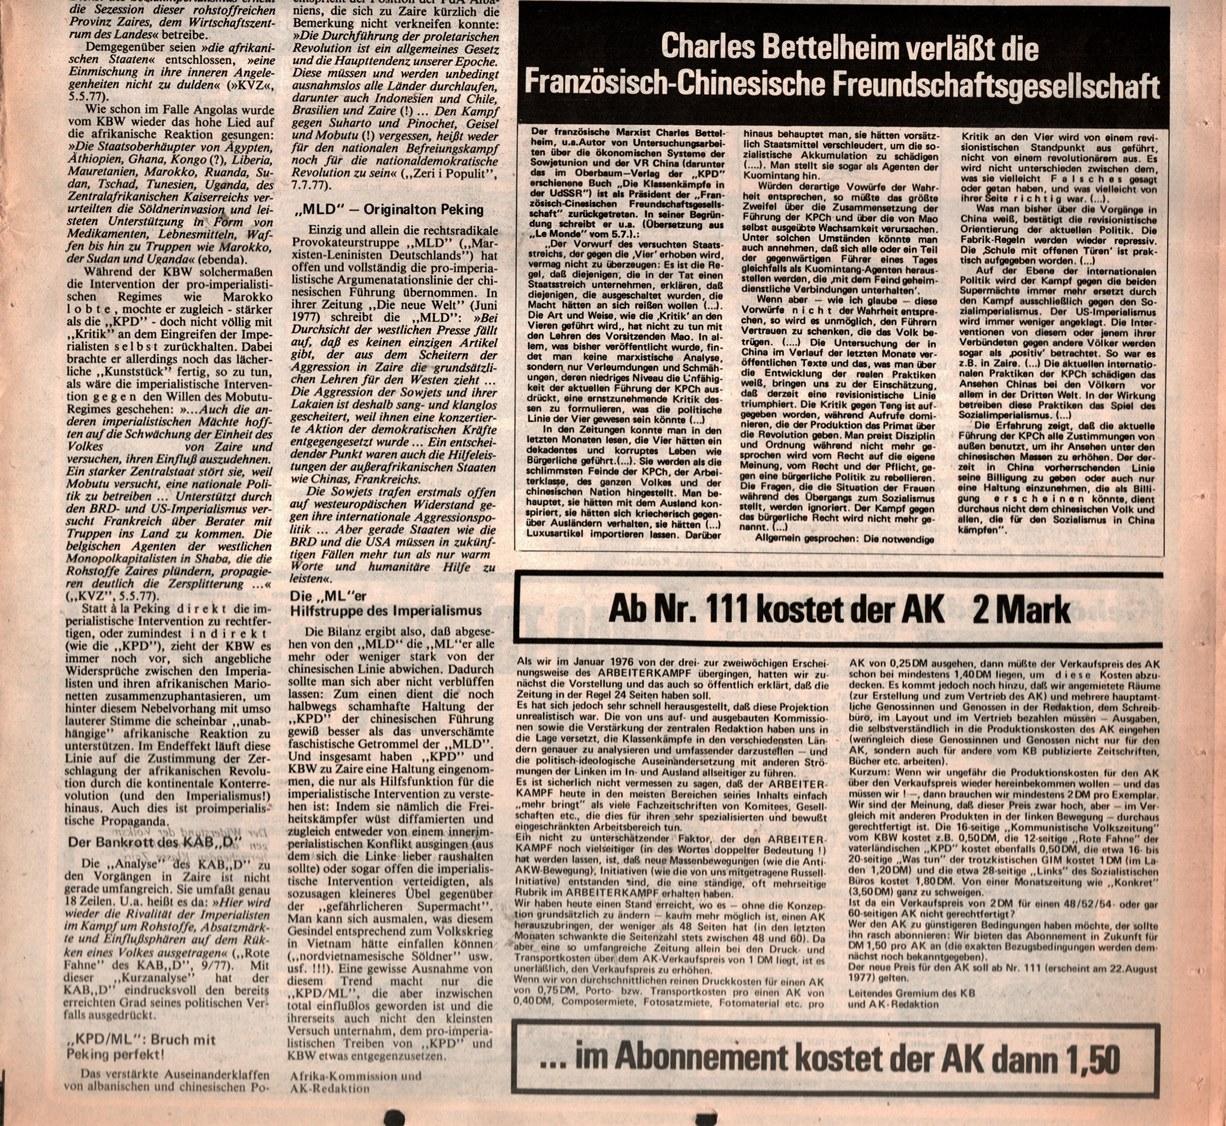 KB_AK_1977_109_122